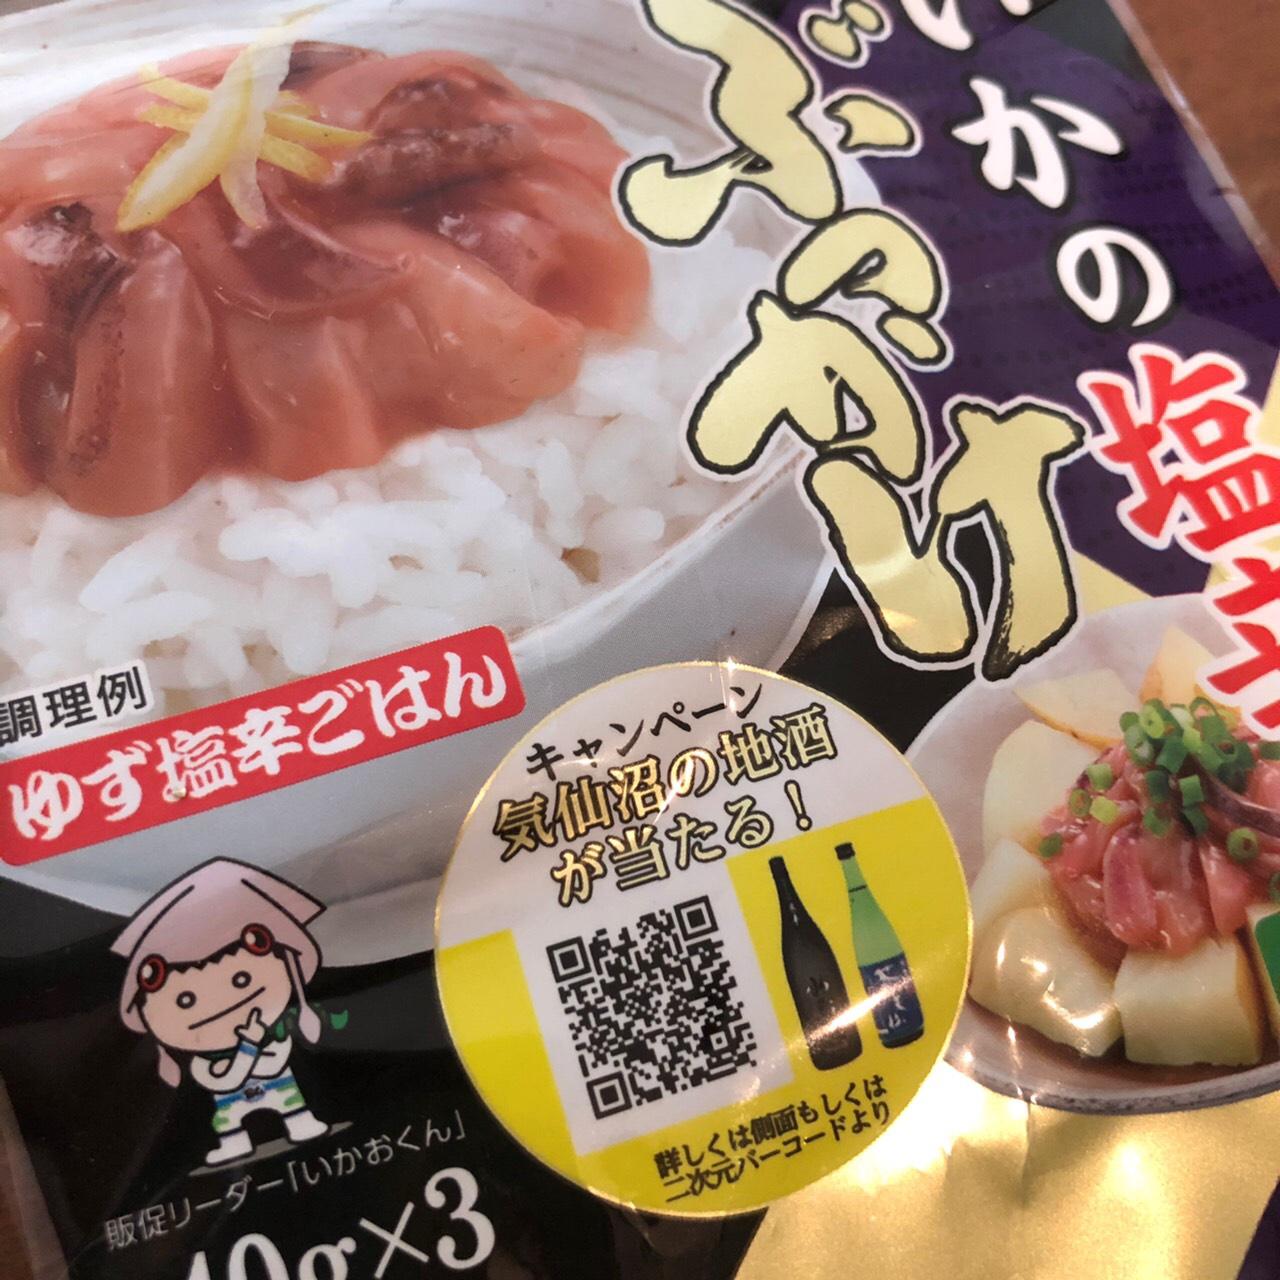 いかの塩辛 ぶっかけ(ハチヨウ)